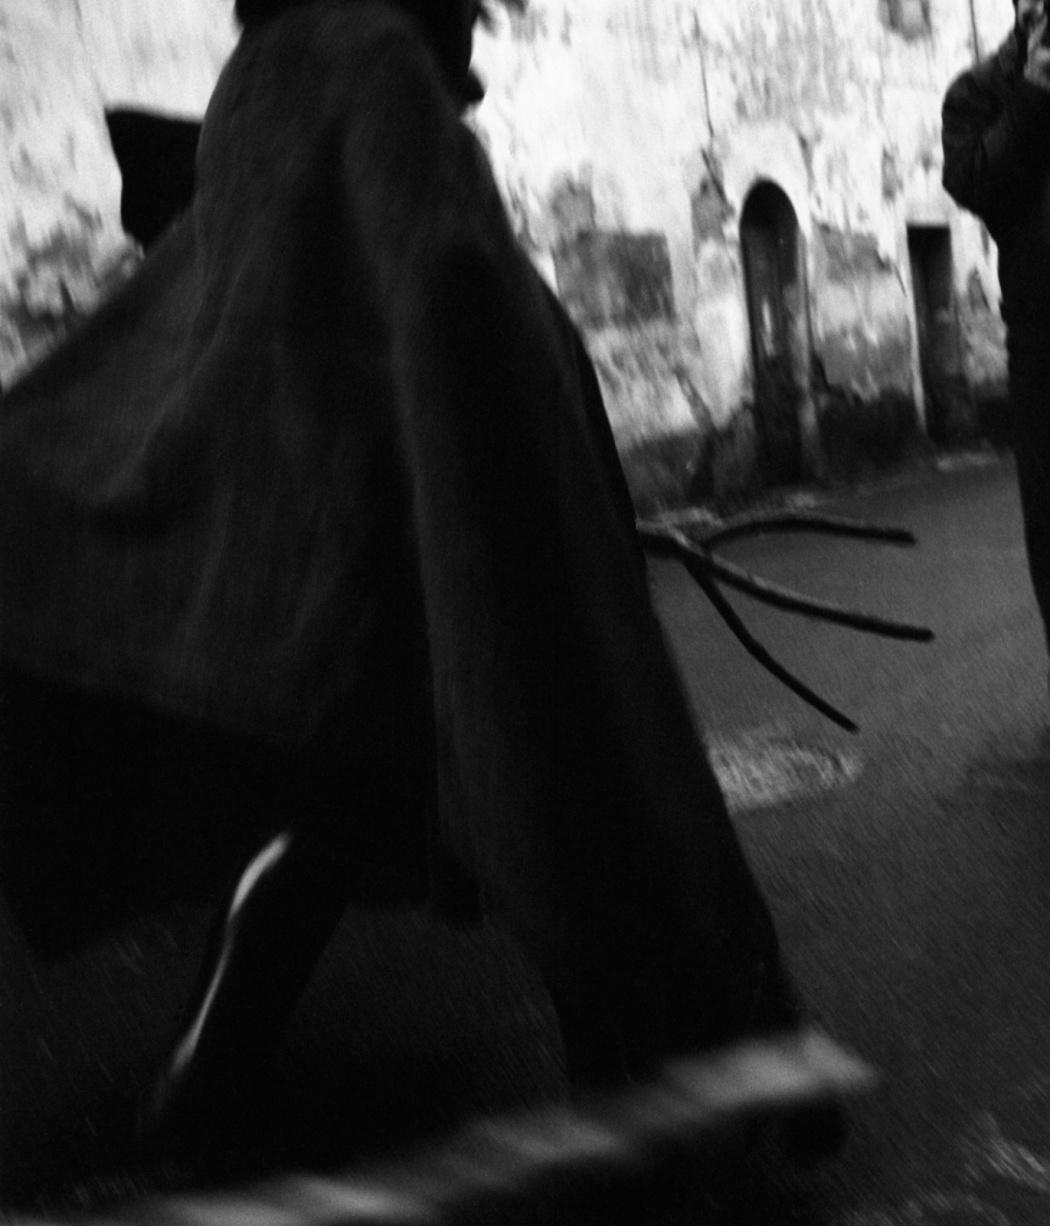 MANA<br>Cronache dal carnevale barbaricino<br>1995 - 2015